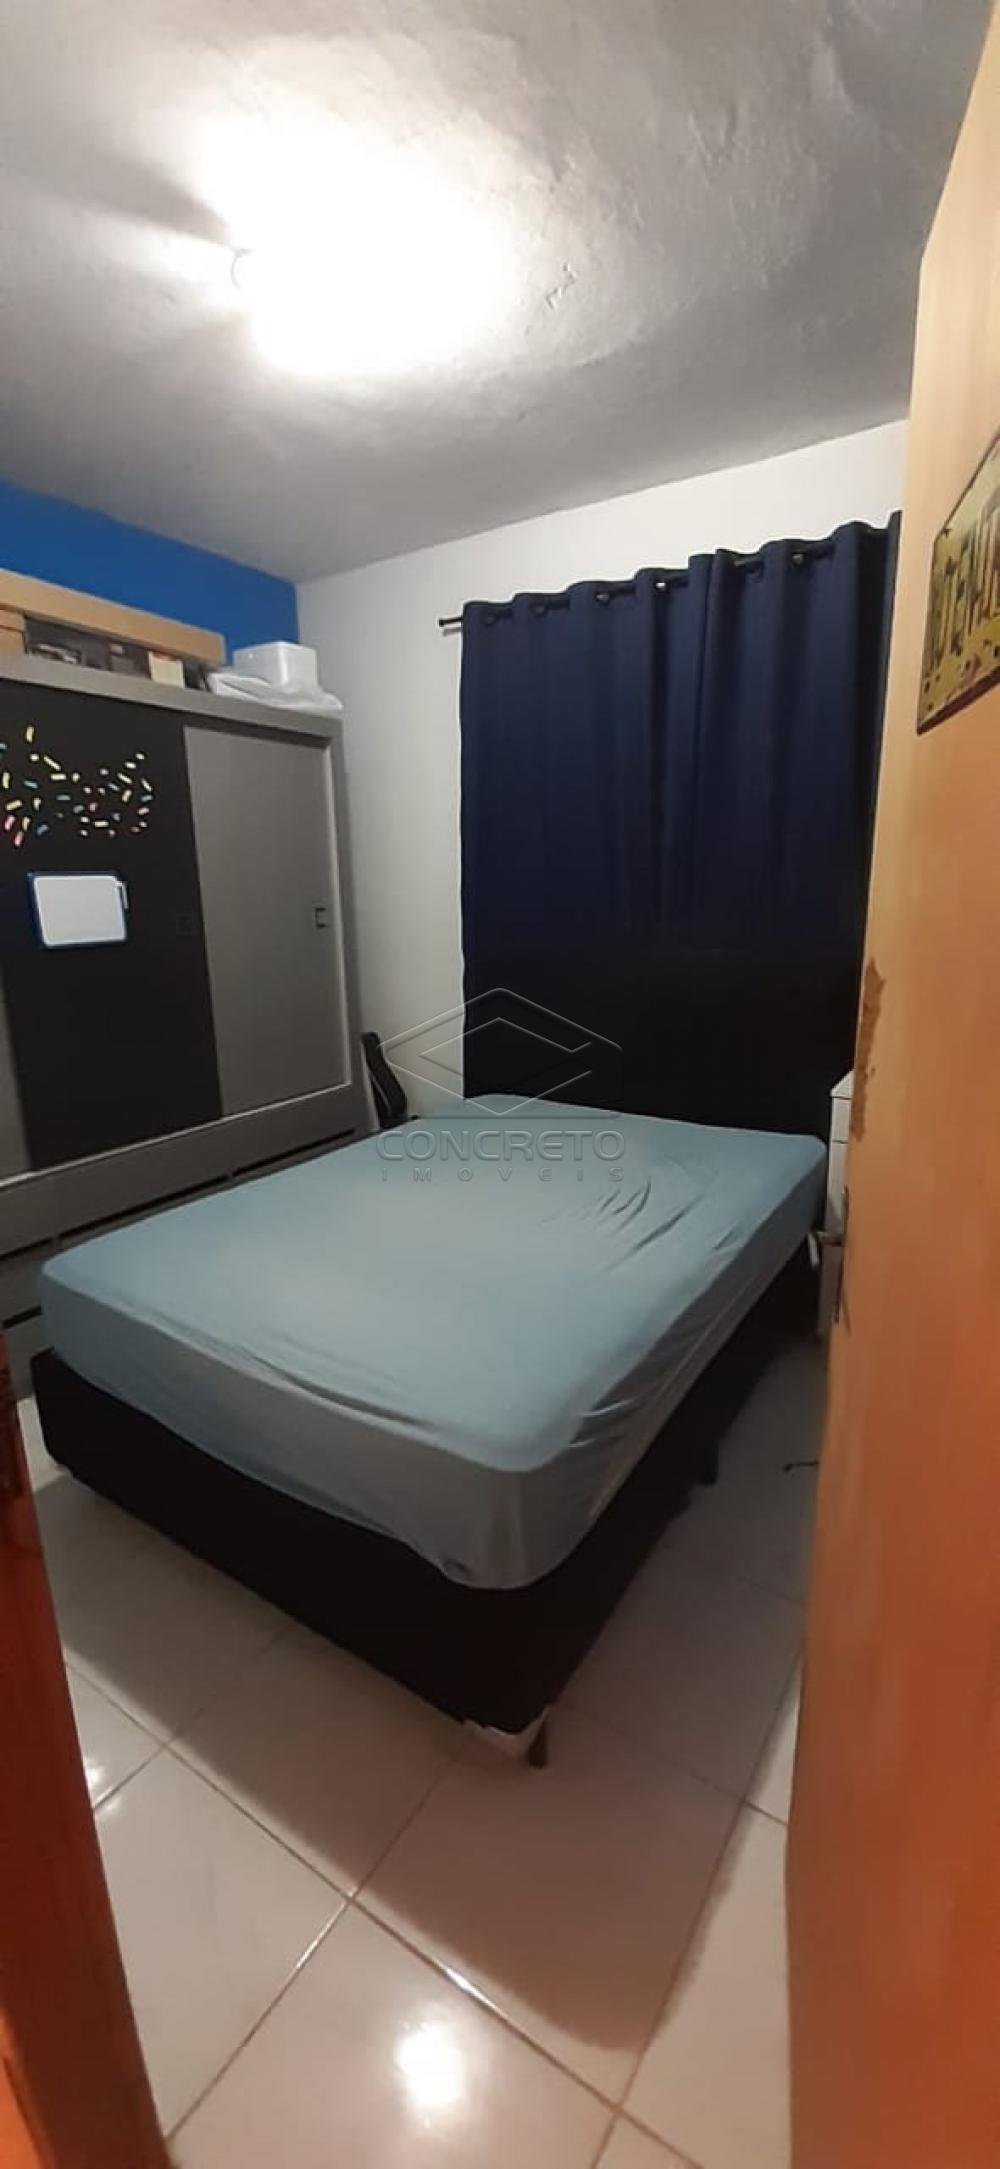 Comprar Casa / Residencia em Bauru R$ 180.000,00 - Foto 2